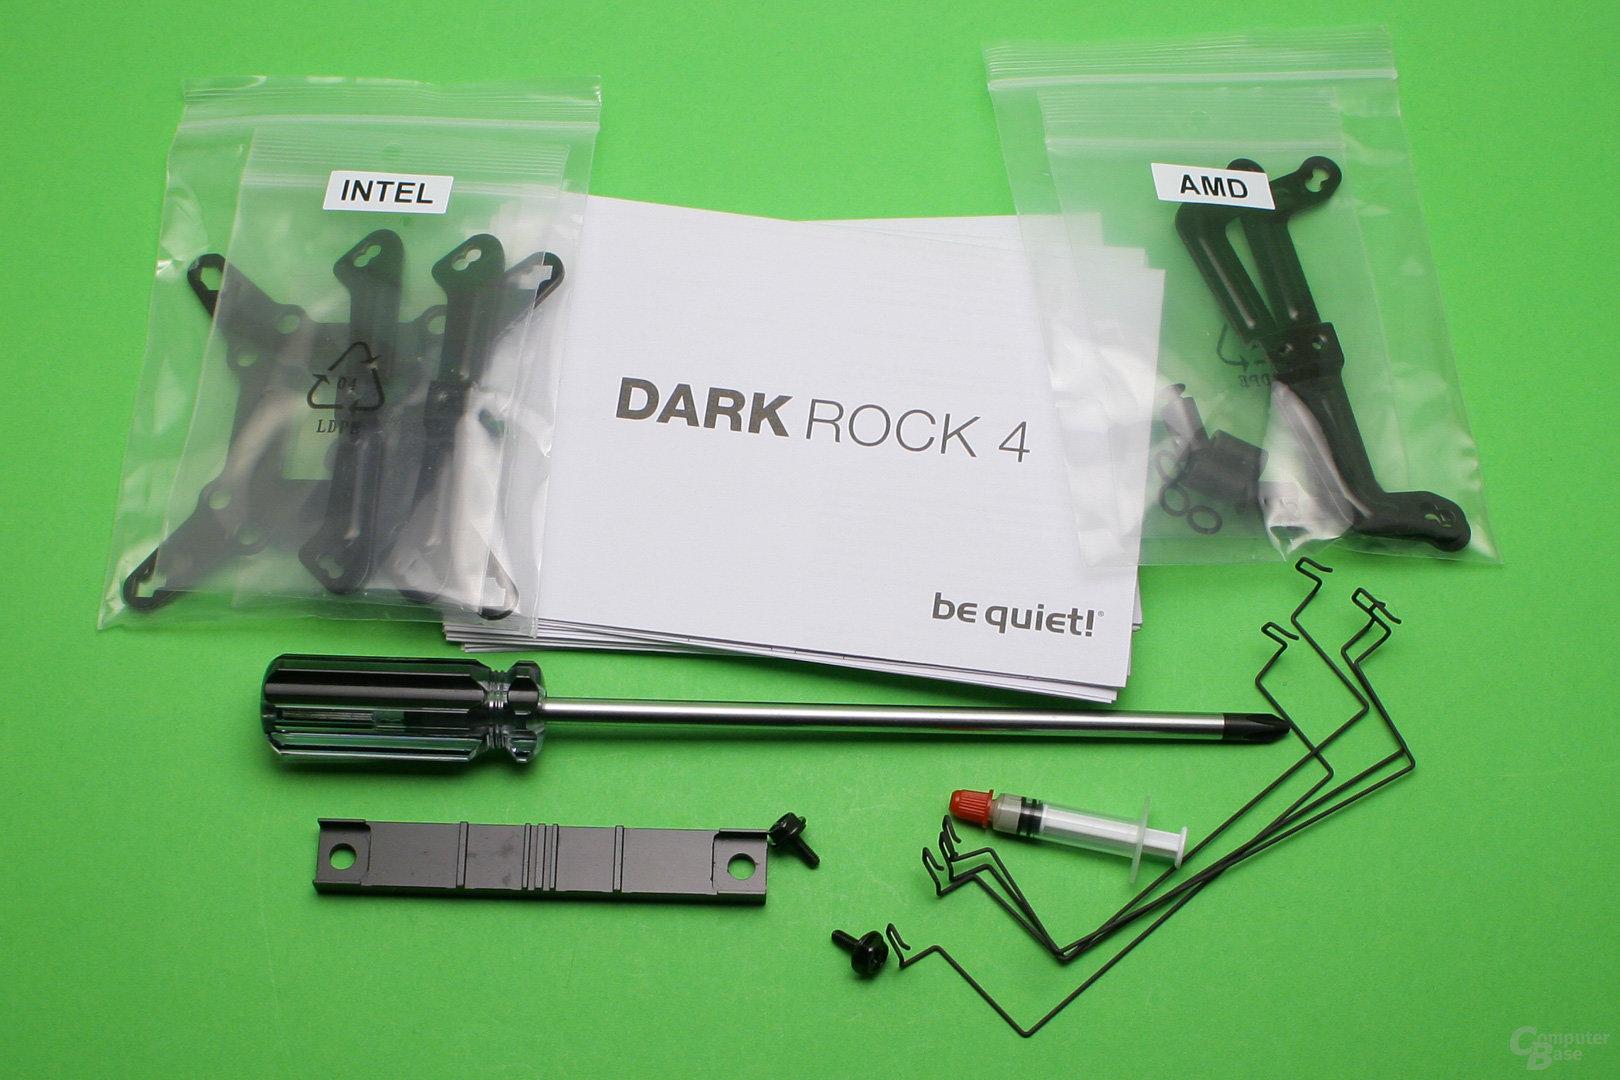 be quiet! Dark Rock 4: Lieferumfang